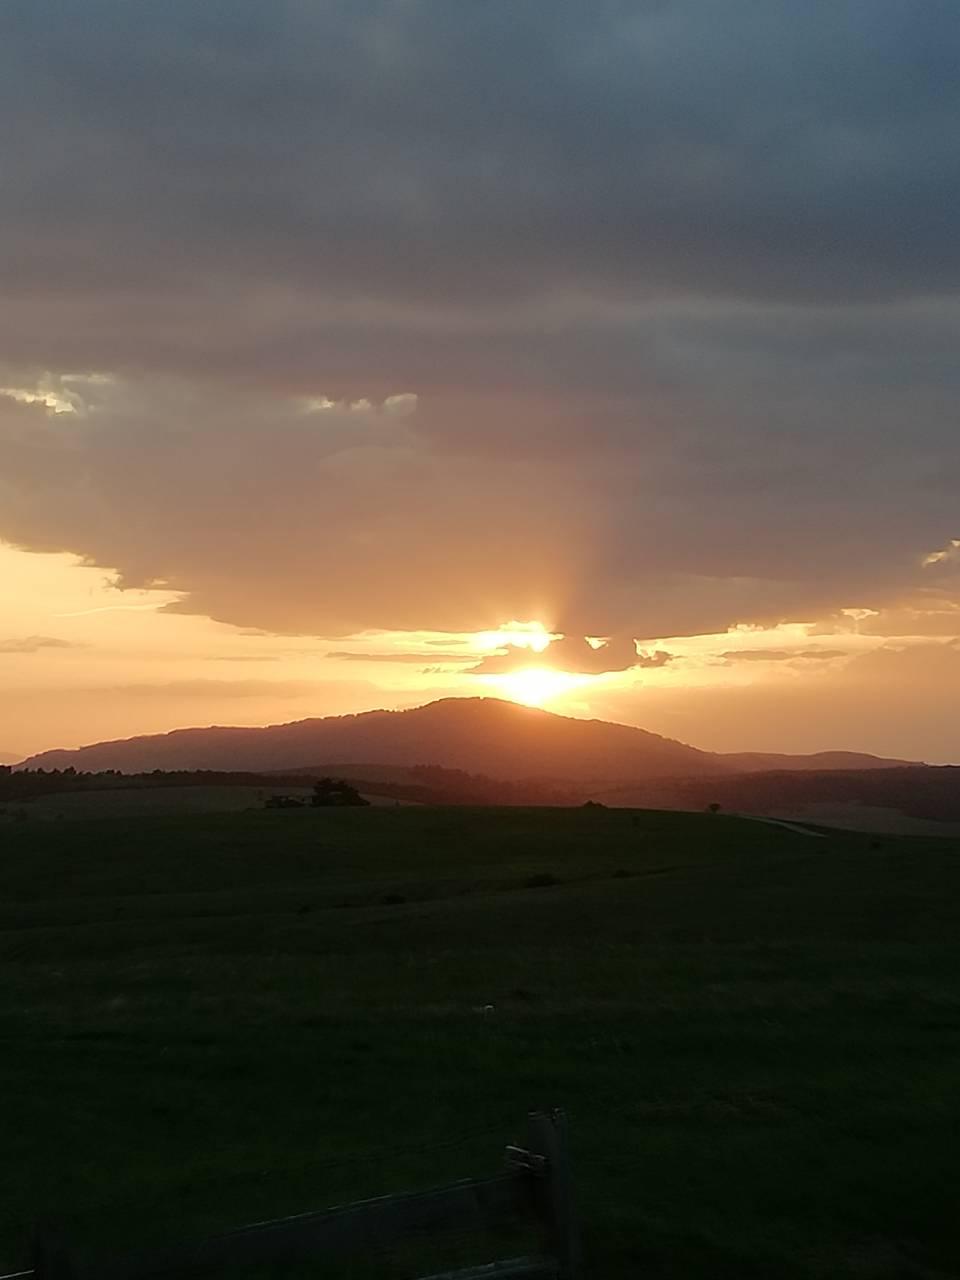 Zalazak_sunca.jpg - 36,80 kB